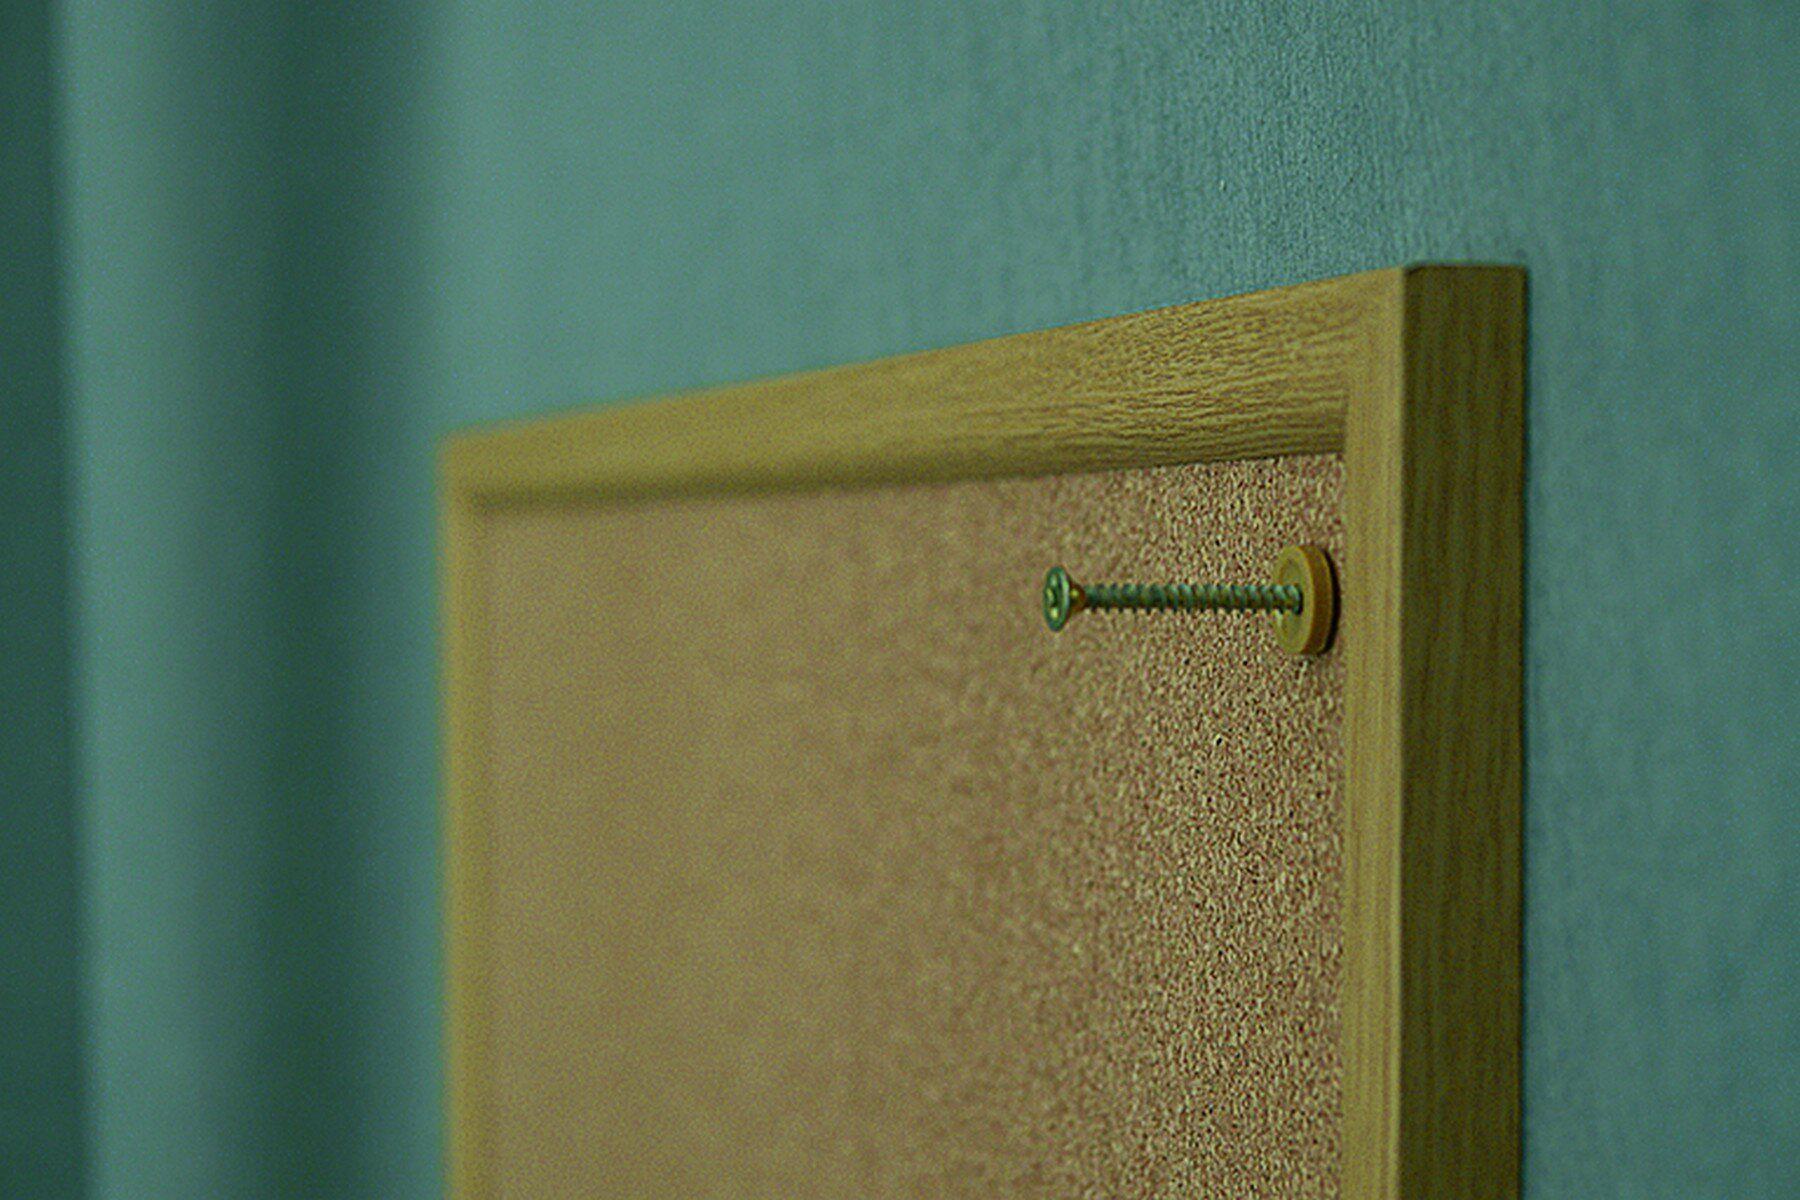 Доска пробковая (сосна) 60*80см., деревянная рамка 2x3 - фото 3